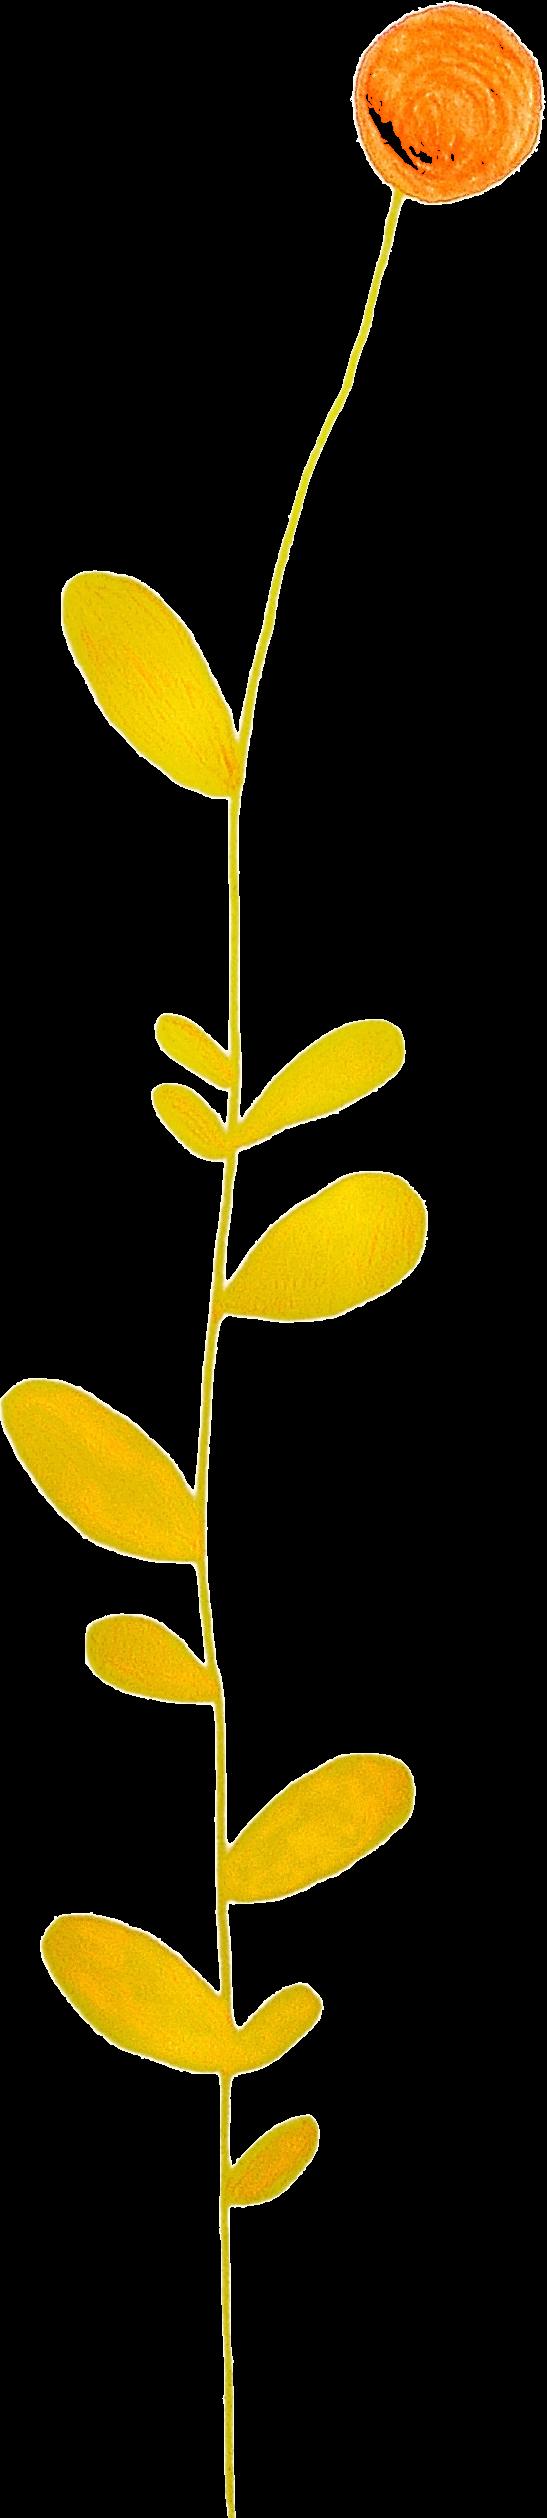 flowers for nurturer invitation A.png